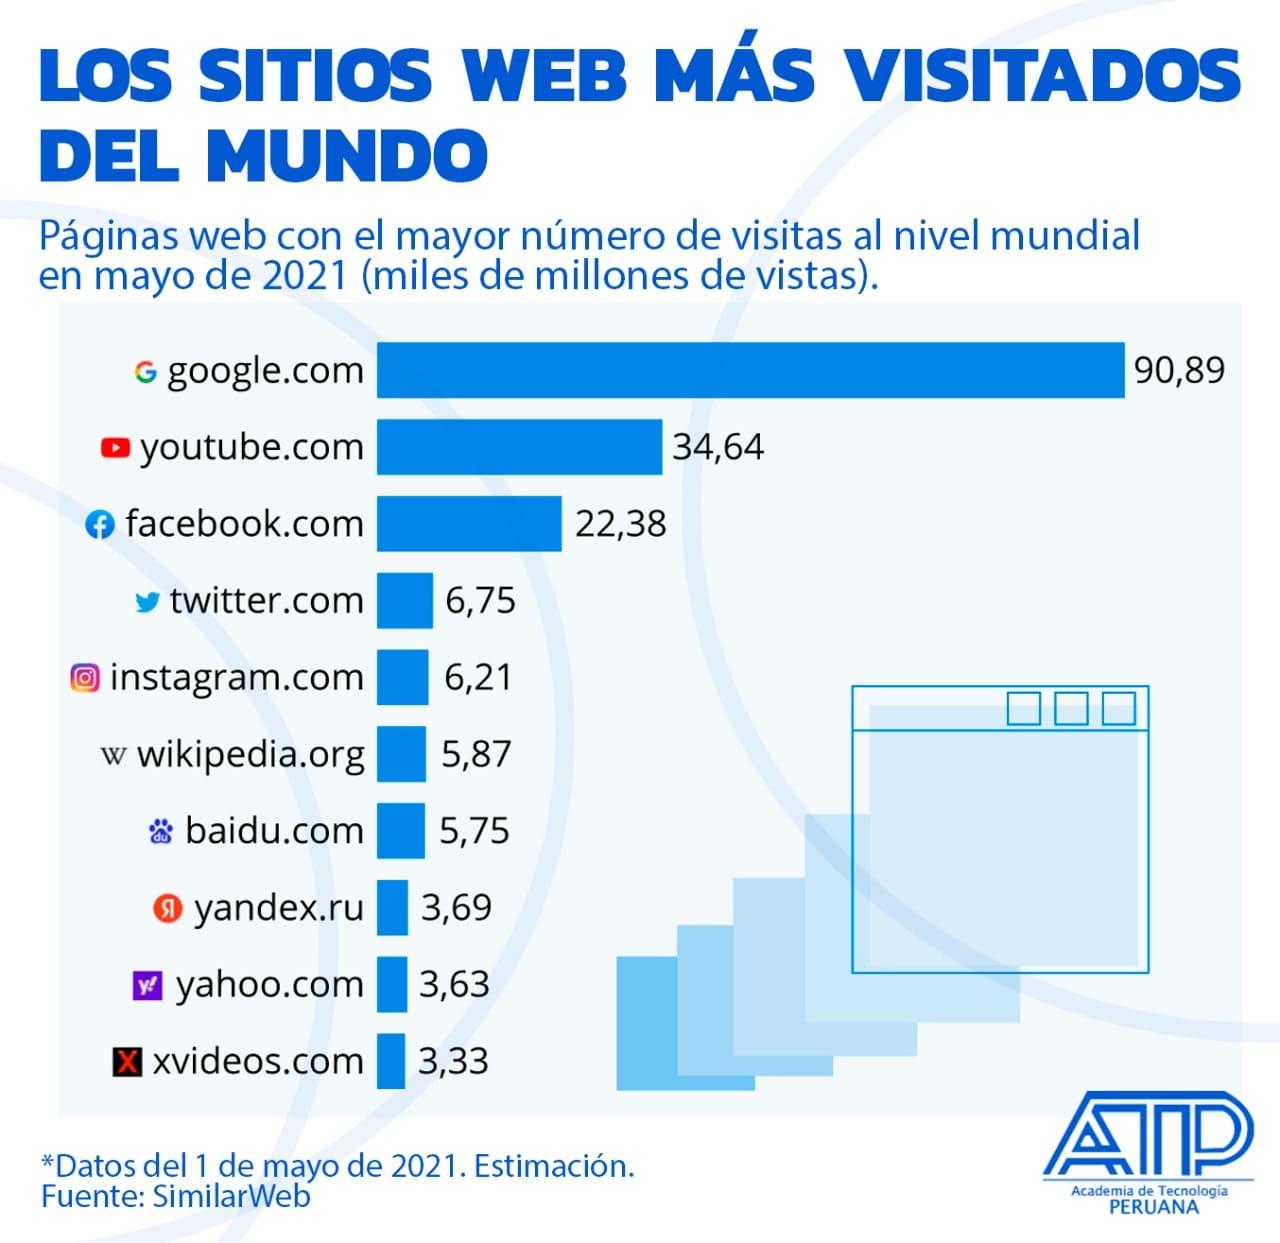 Los sitios web más visitados del mundo